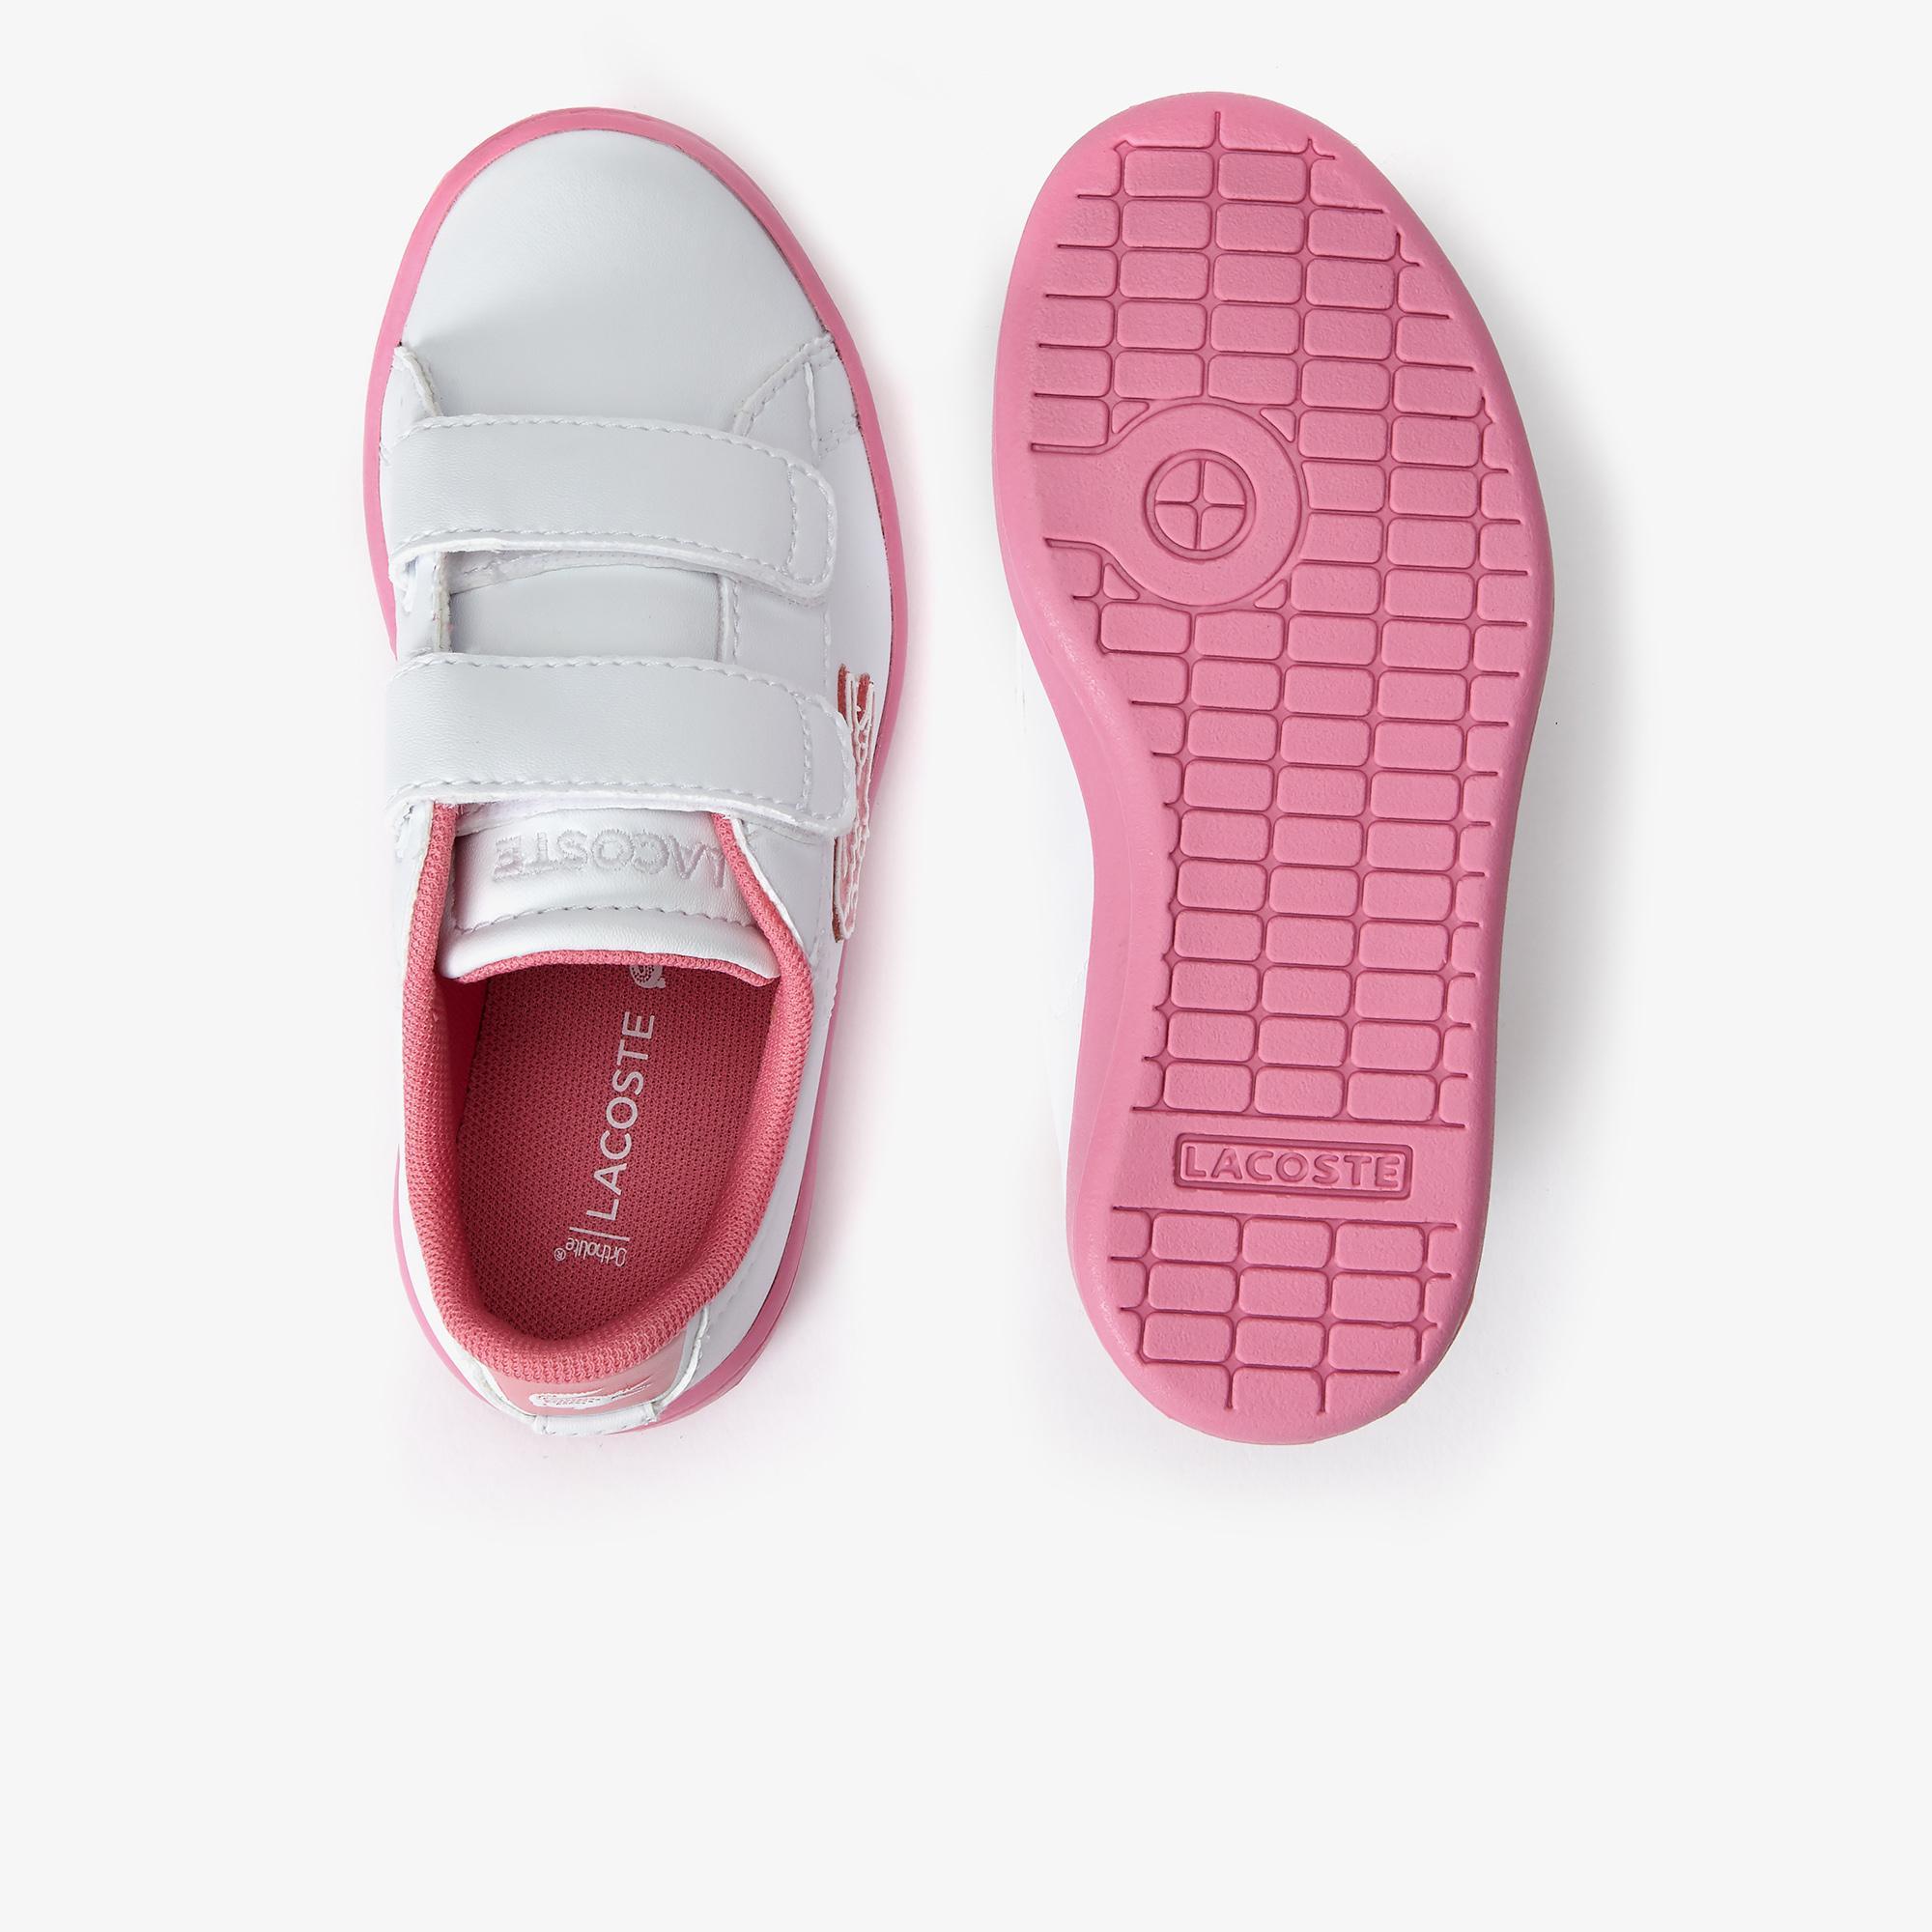 Lacoste Carnaby Evo 319 1 Sui Çocuk Beyaz - Pembe Sneaker